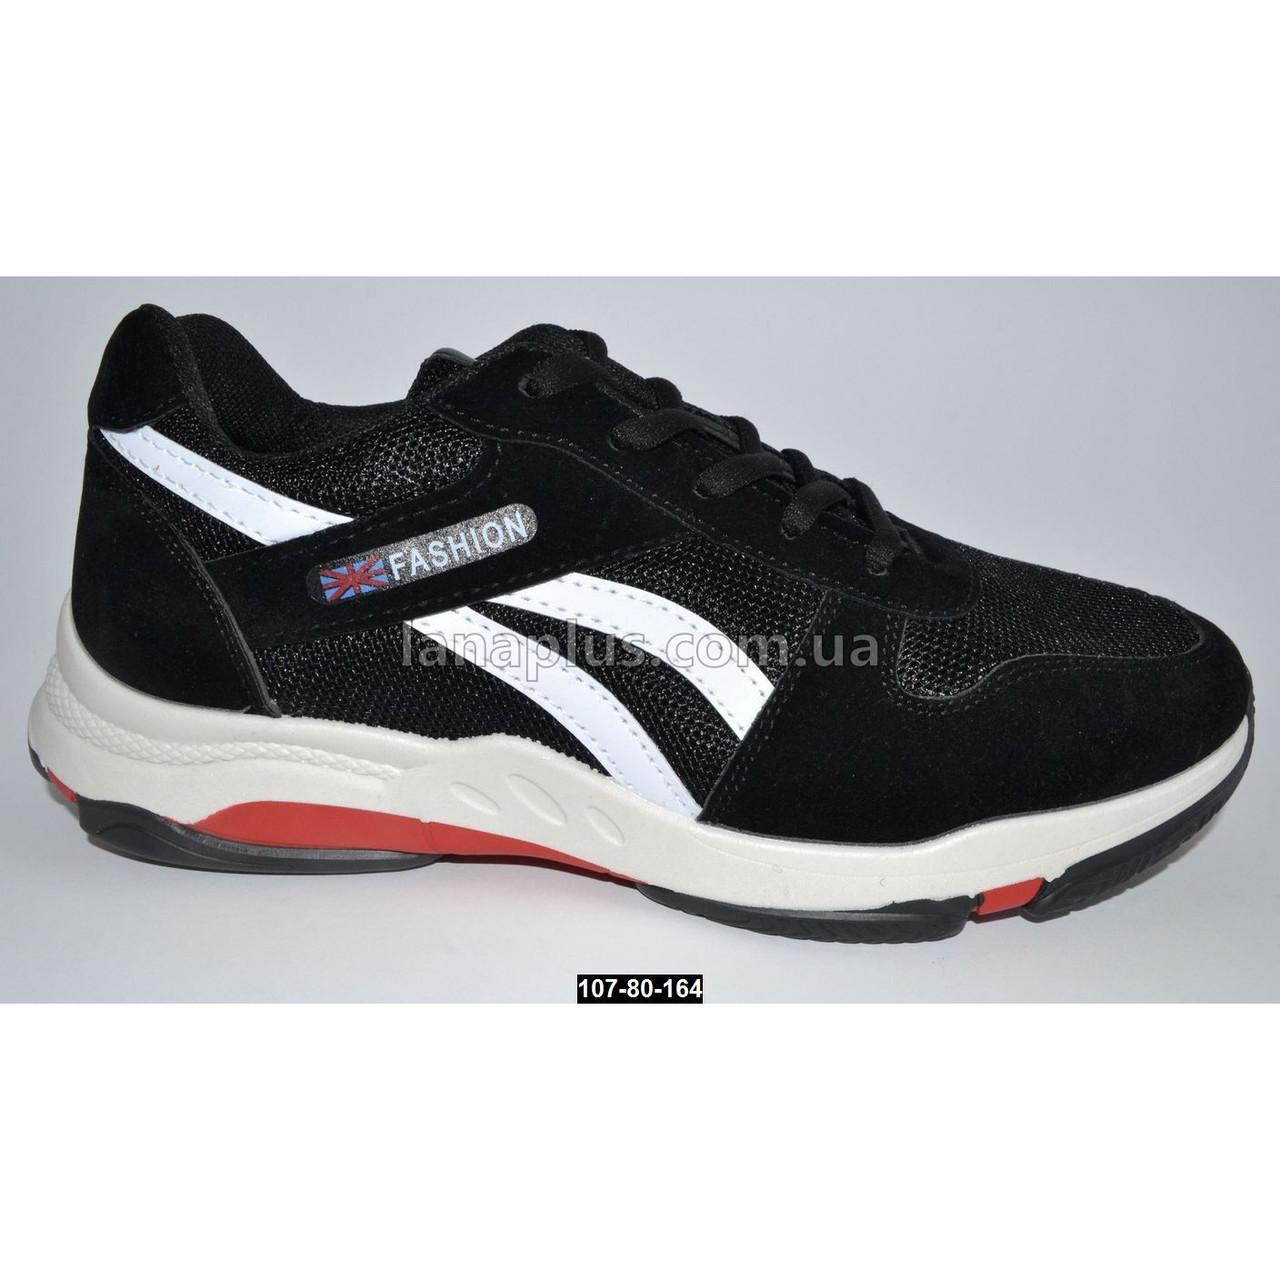 Дышащие кроссовки, 36-41 размер, 107-80-164